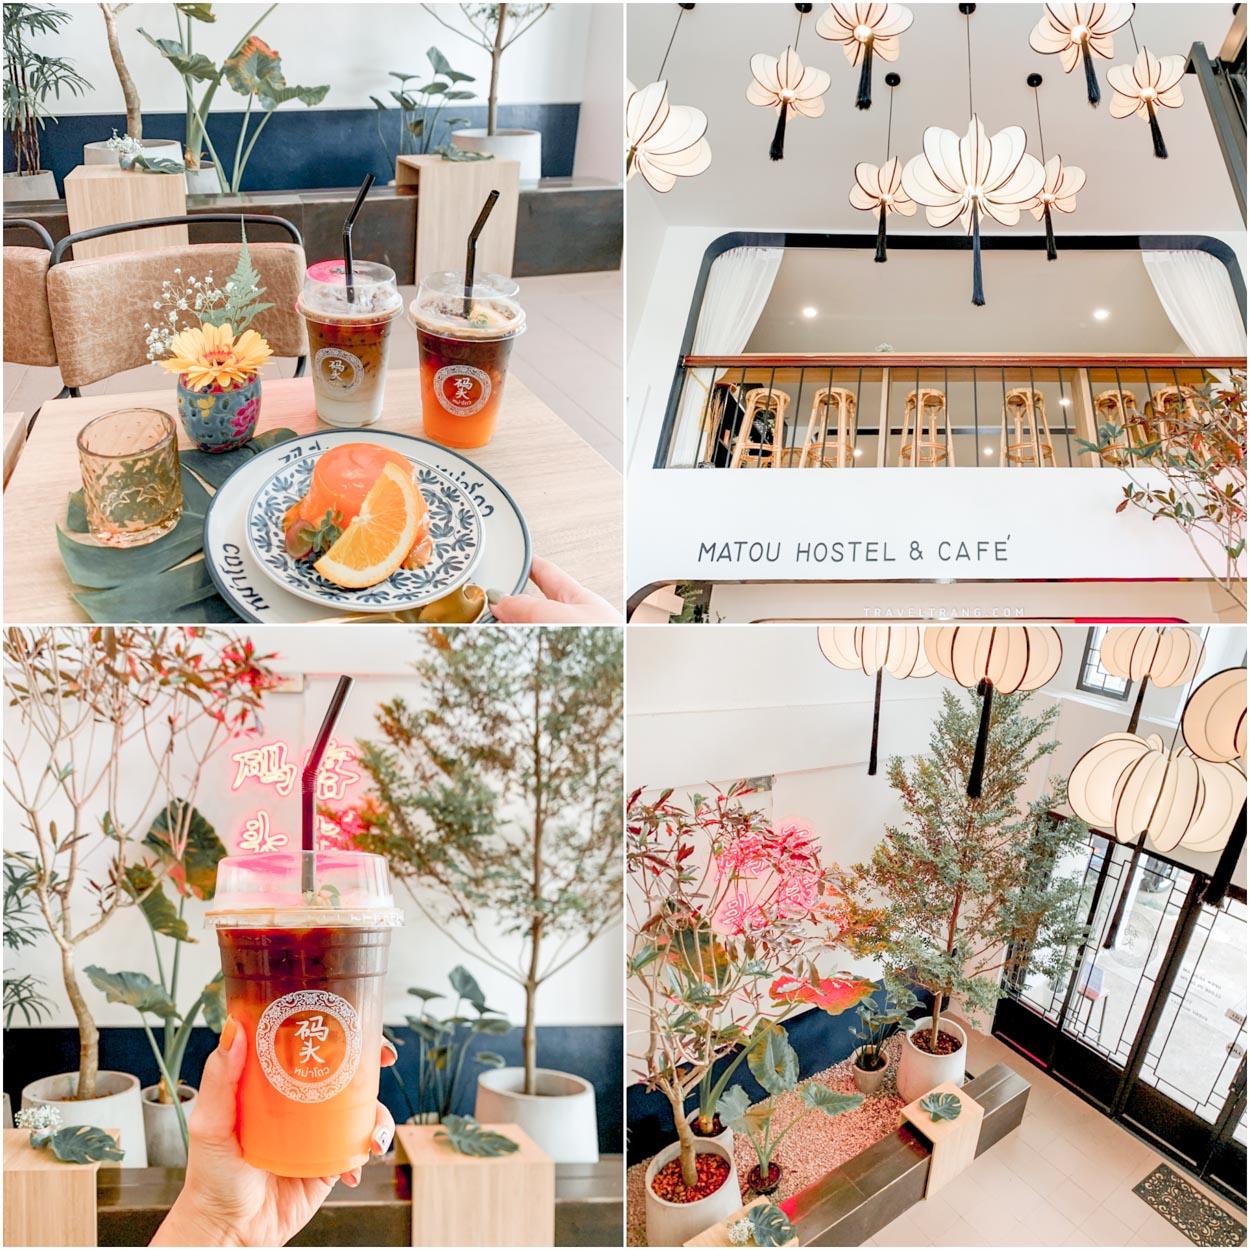 จุดเช็คอินเด็ดๆ สวยไปหมดกับ ร้าน matou hostel & cafe ร้านดีๆมุมสวยๆ ของกินอร่อยต้องร้านนี้เลยจ้าา